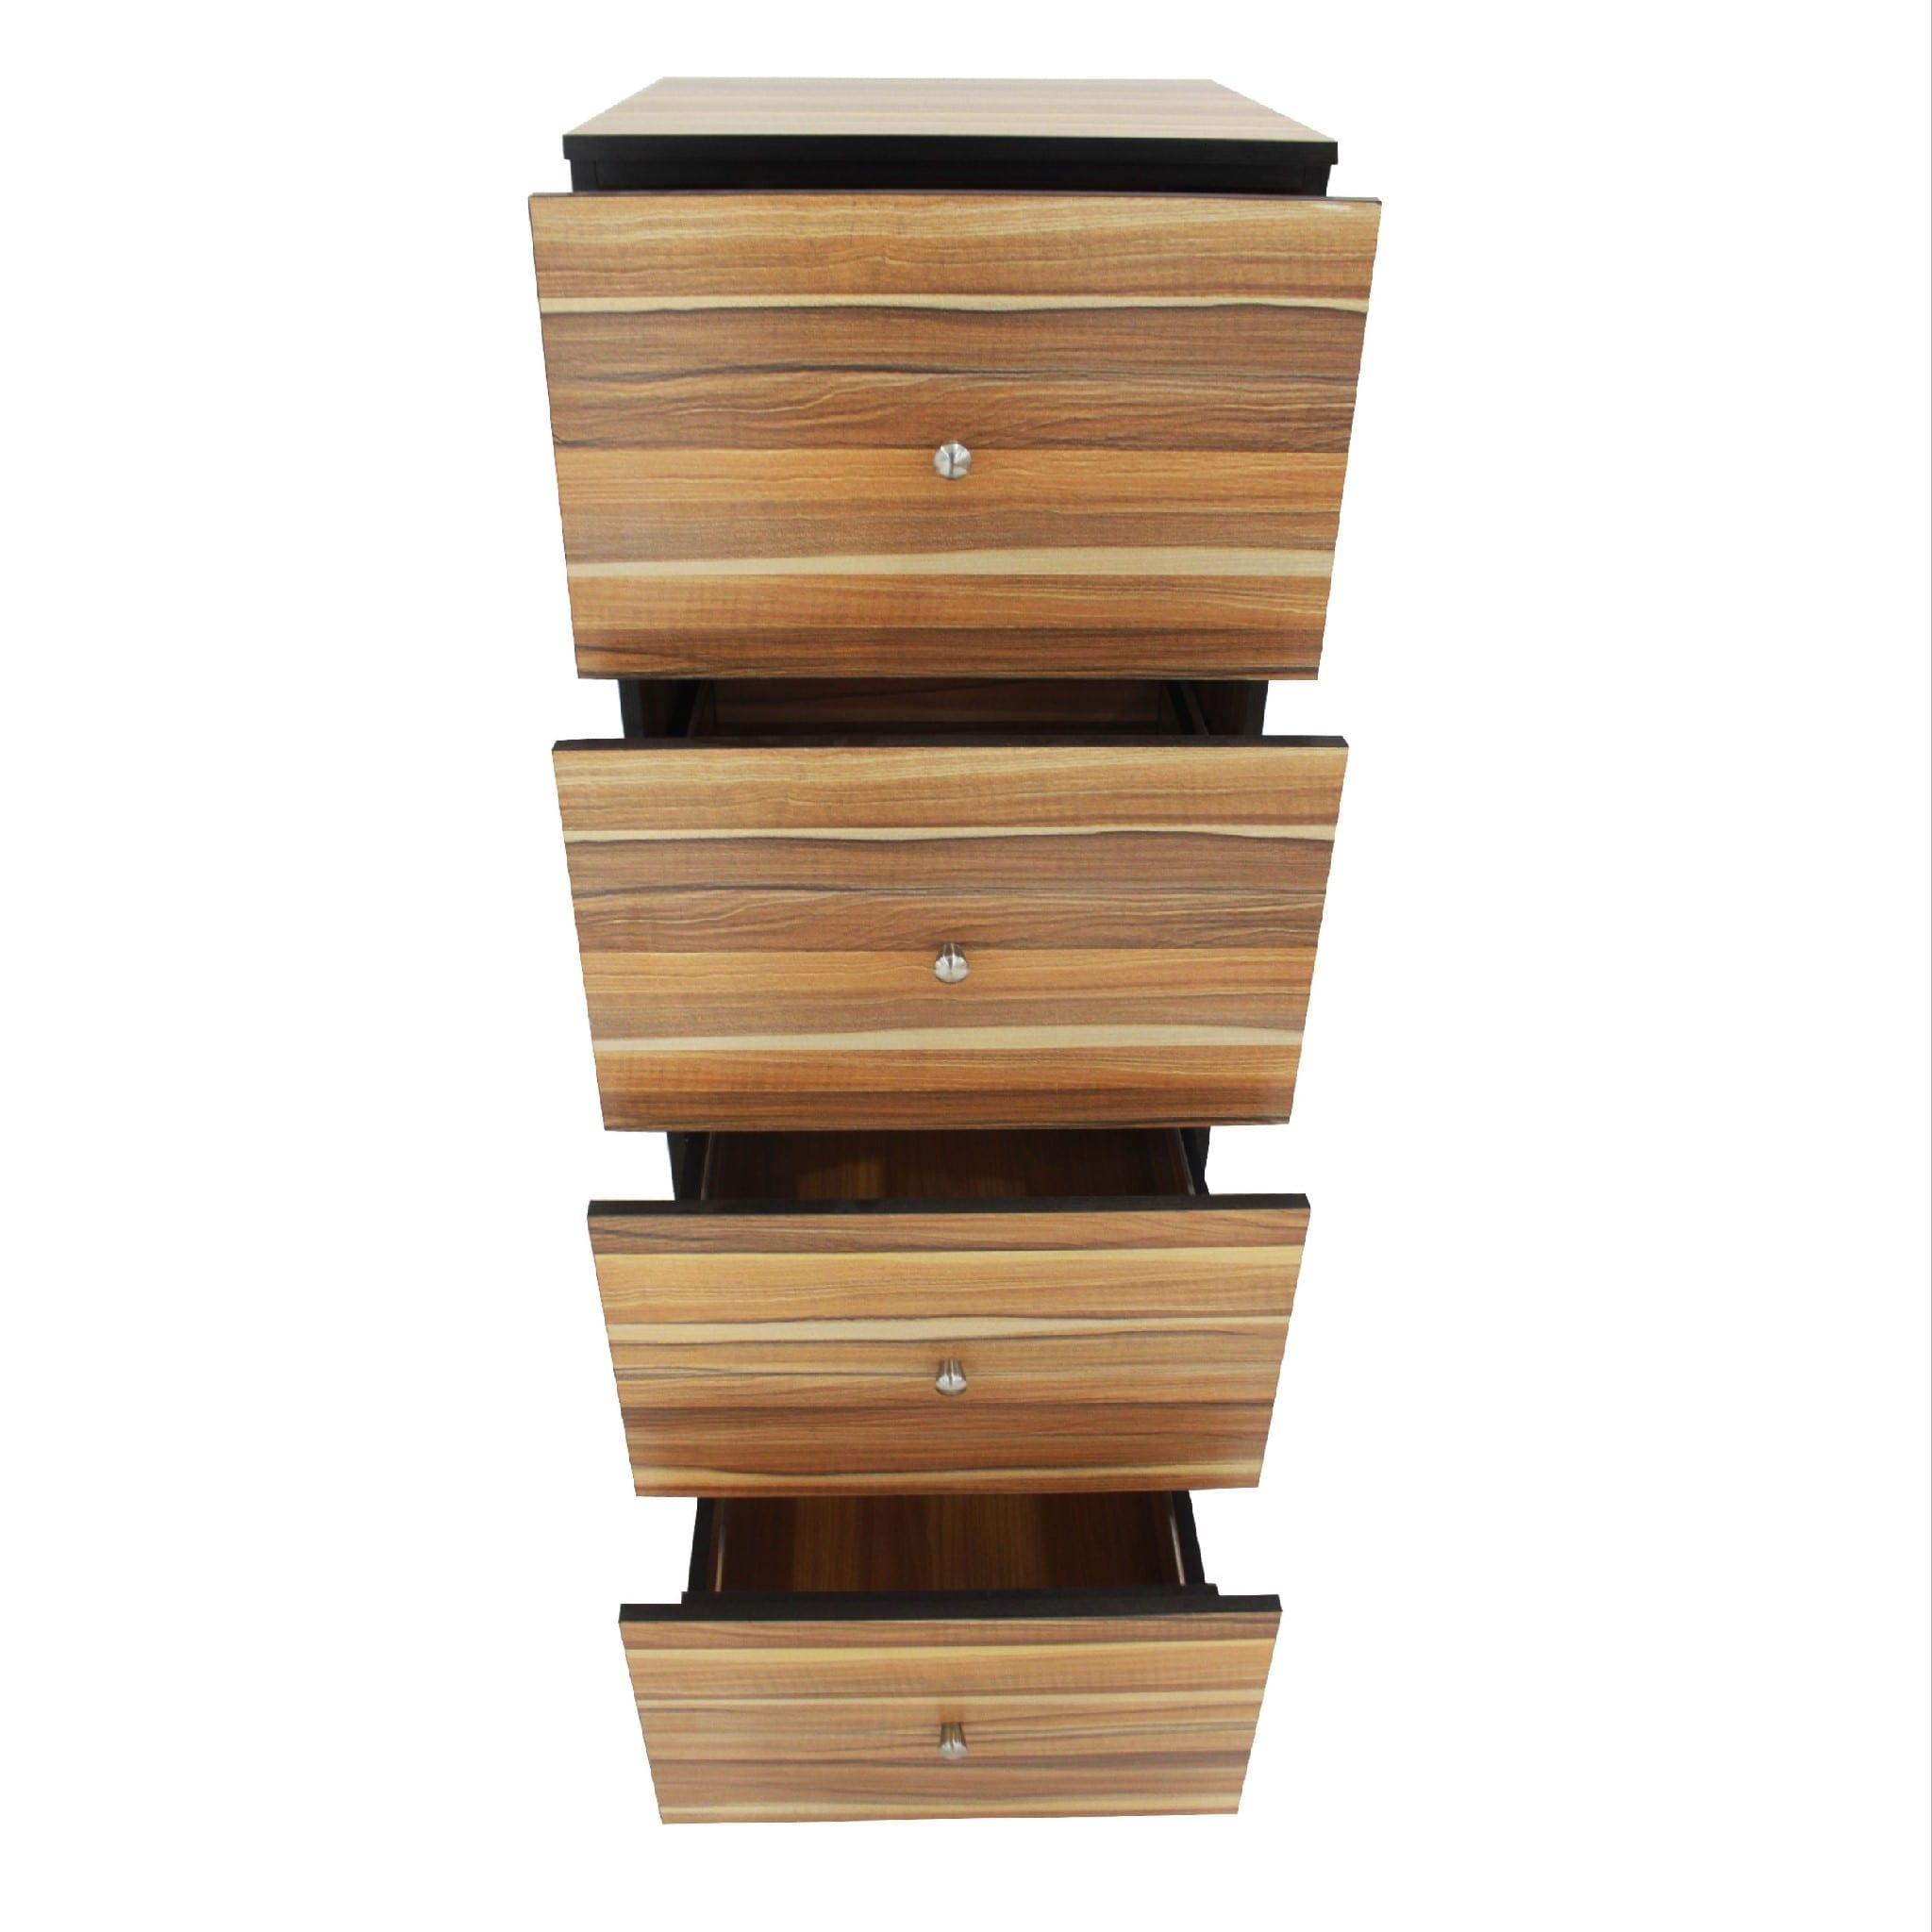 mobile file at office star designs drawer pedestal osp